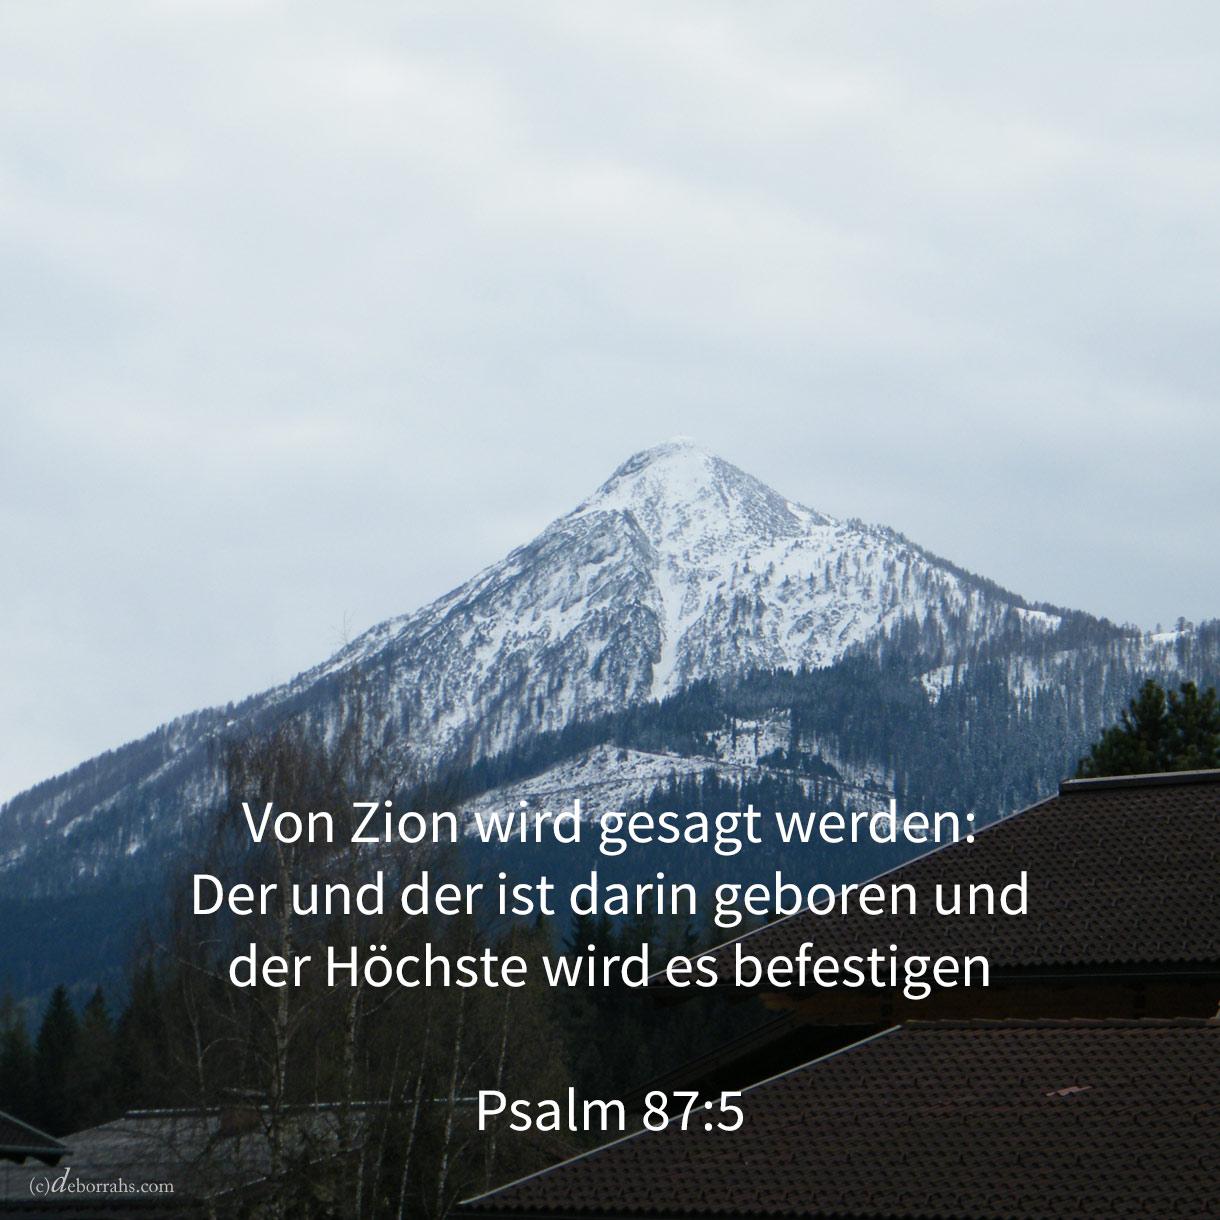 Und von Zion wird gesagt werden: Der und der ist darin geboren und der Höchste, er wird es befestigen ( Psalm 87,5 )